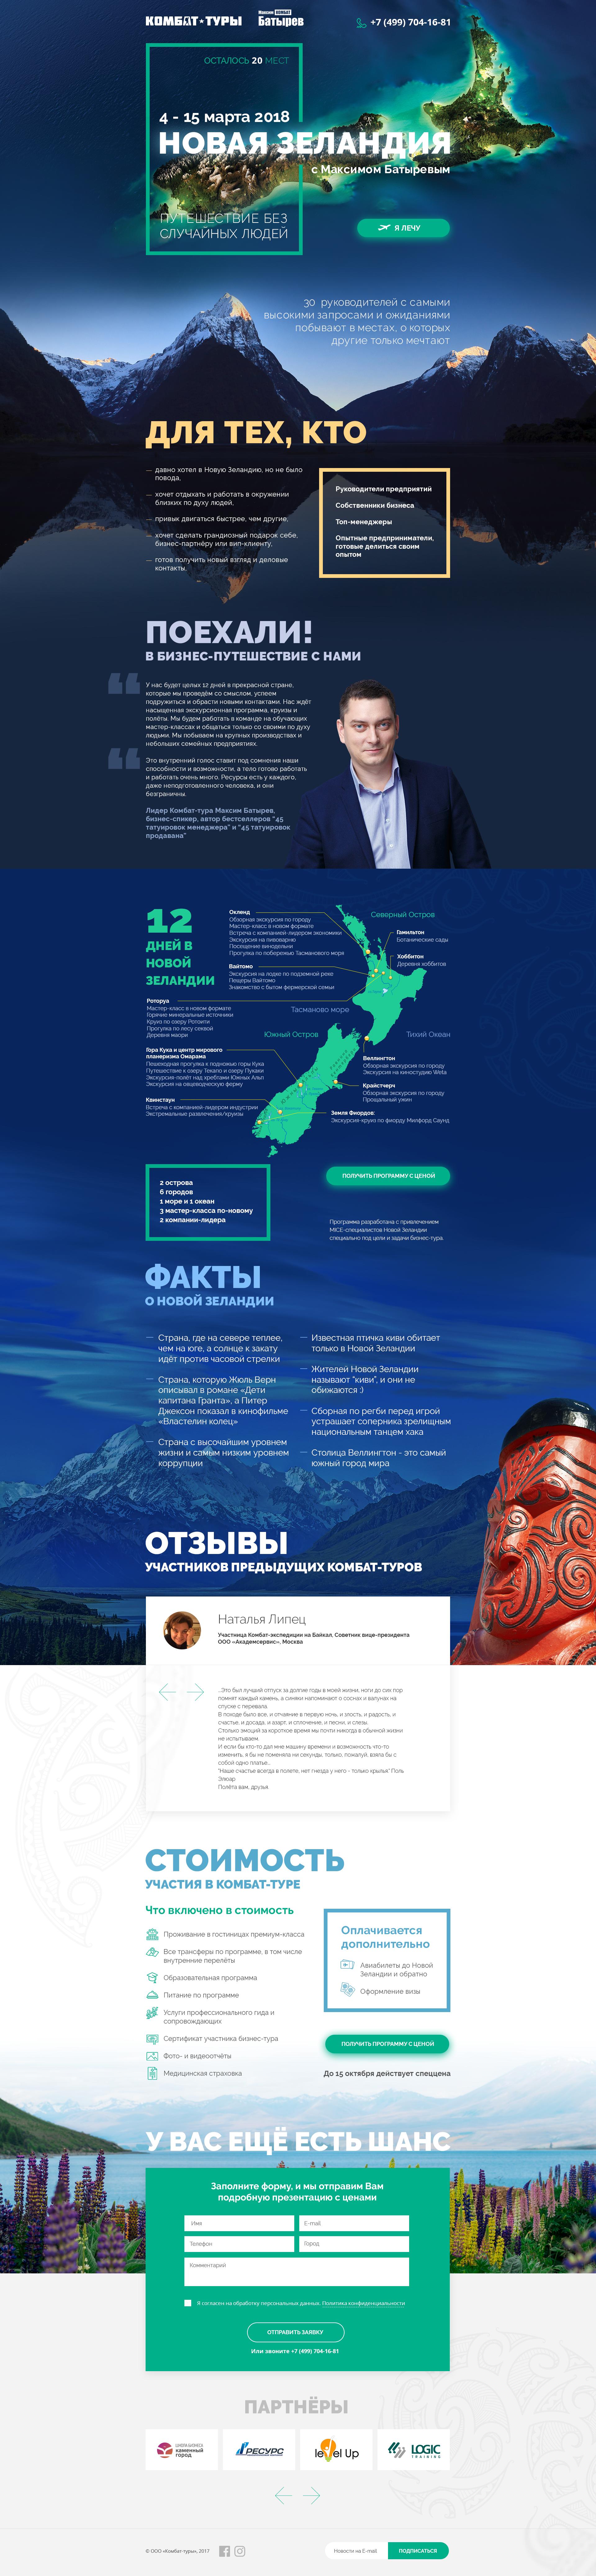 Разработка сайта для организатора бизнес-тура в Новую Зеландию